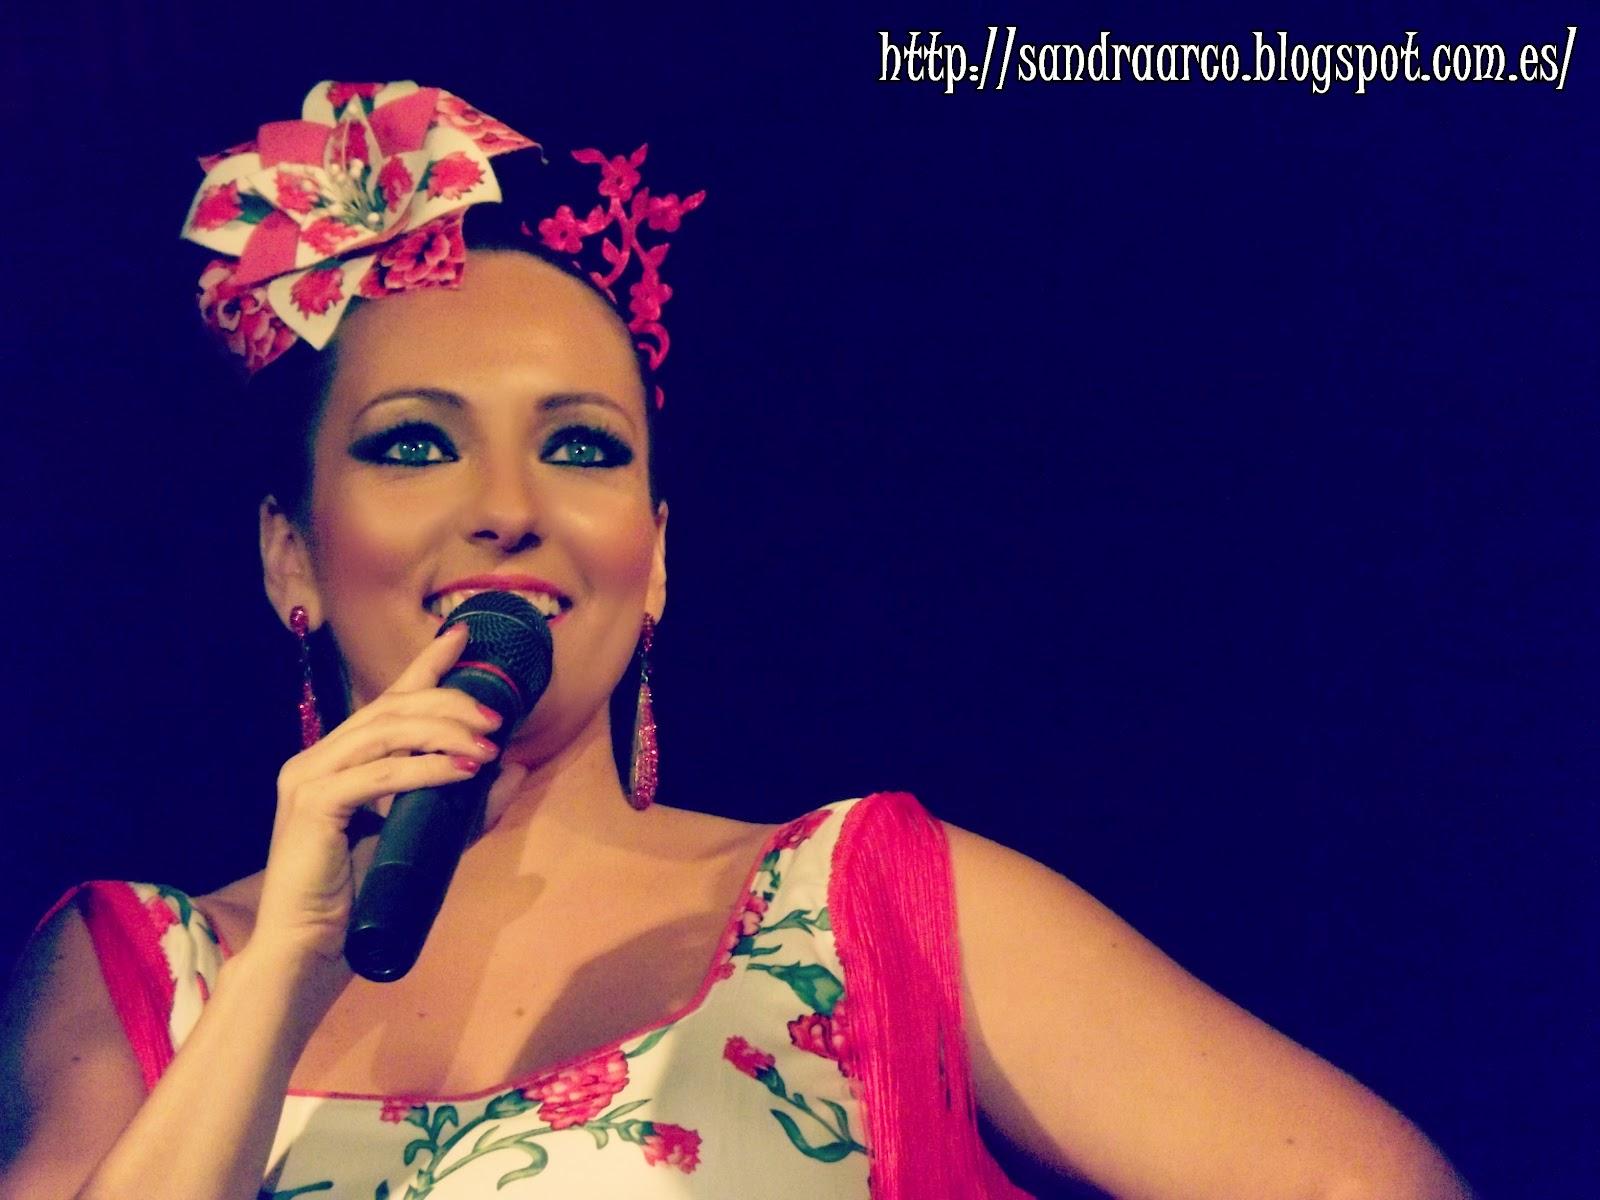 ¡Sandra Arco es concursante de La Voz!